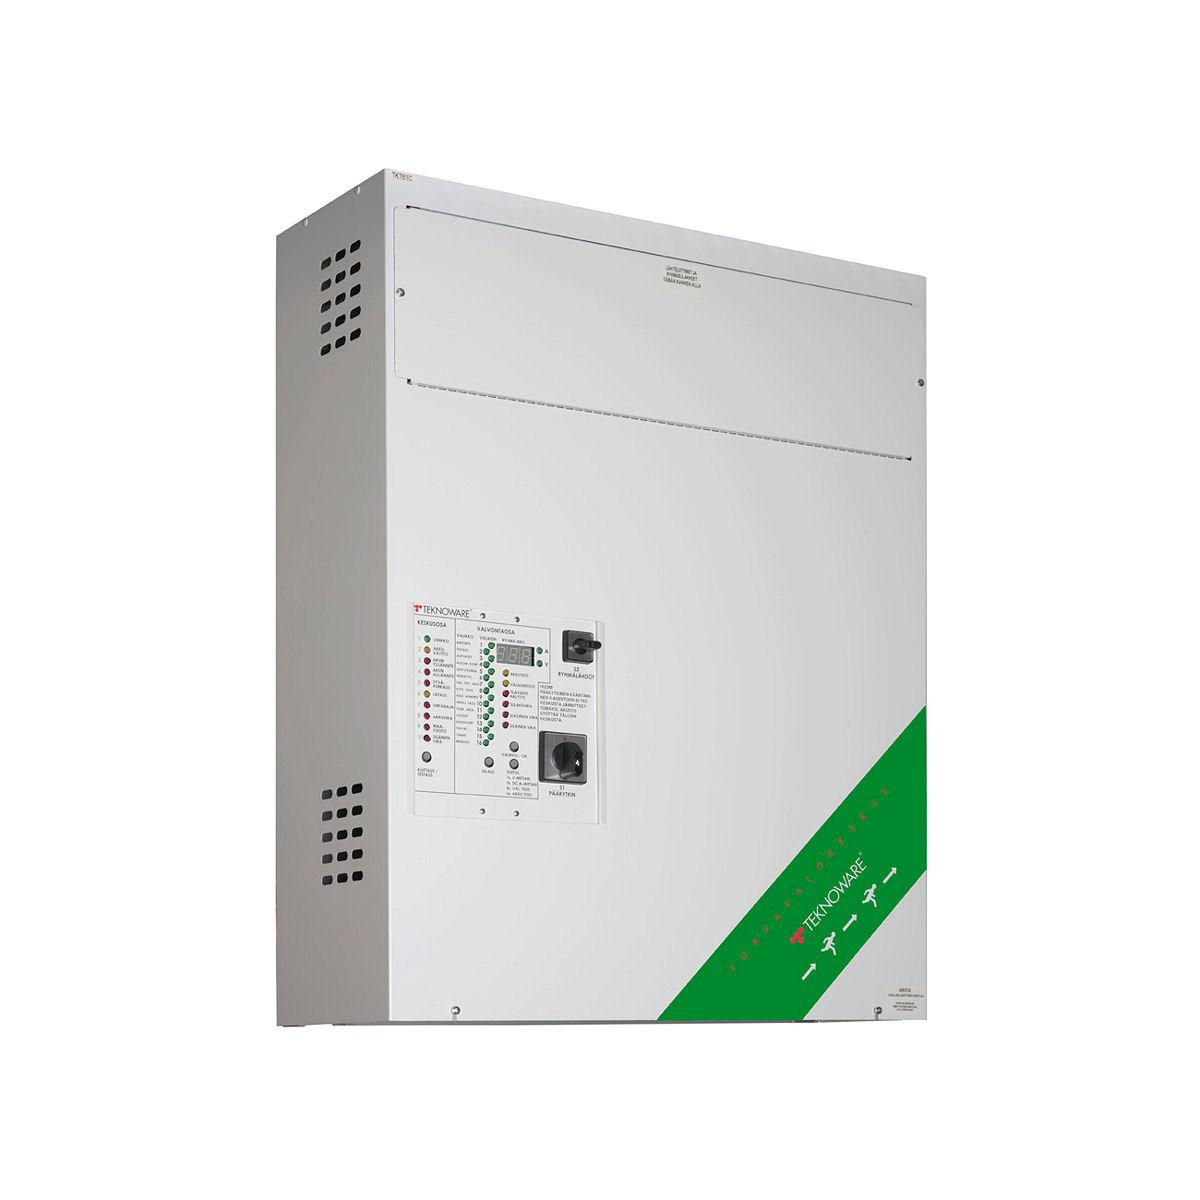 Адресный блок системы аварийного централизованного освещения TKT66C Teknoware